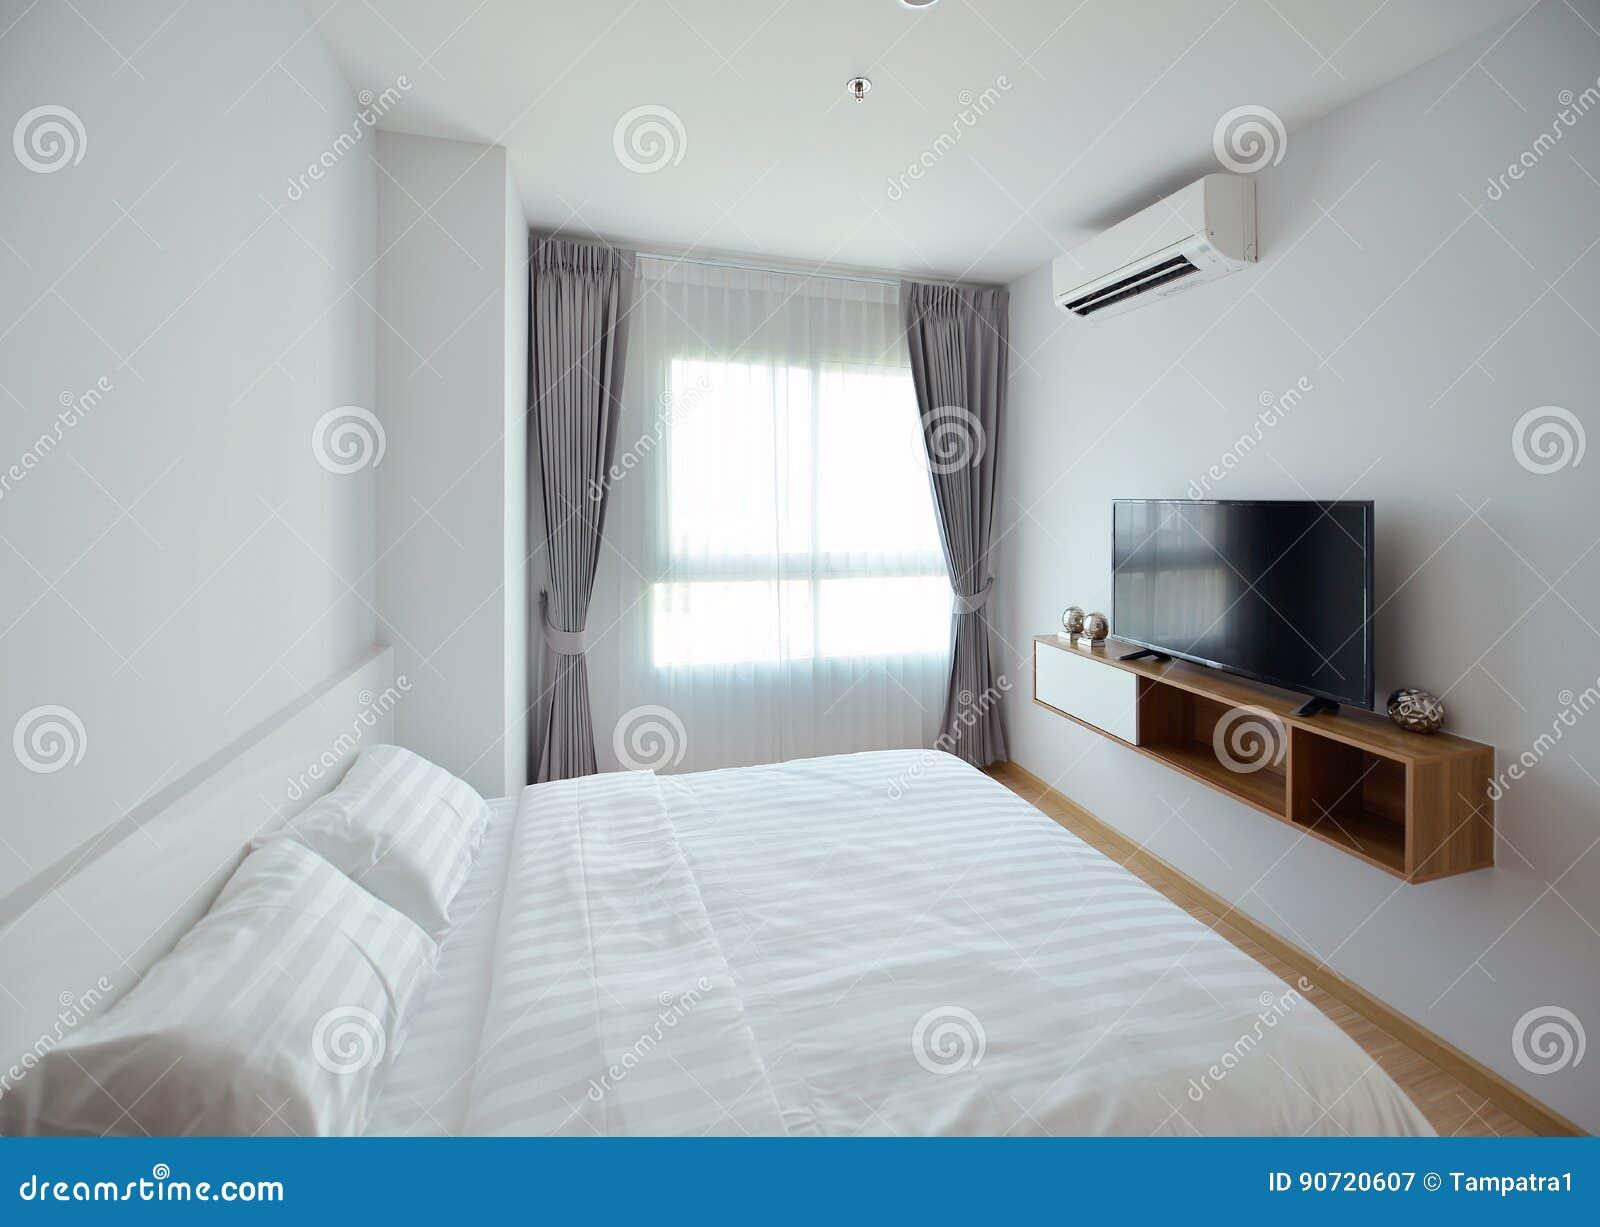 Decorazioni Camere Da Letto Moderne : Interno della camera da letto e decorazione moderni di lusso